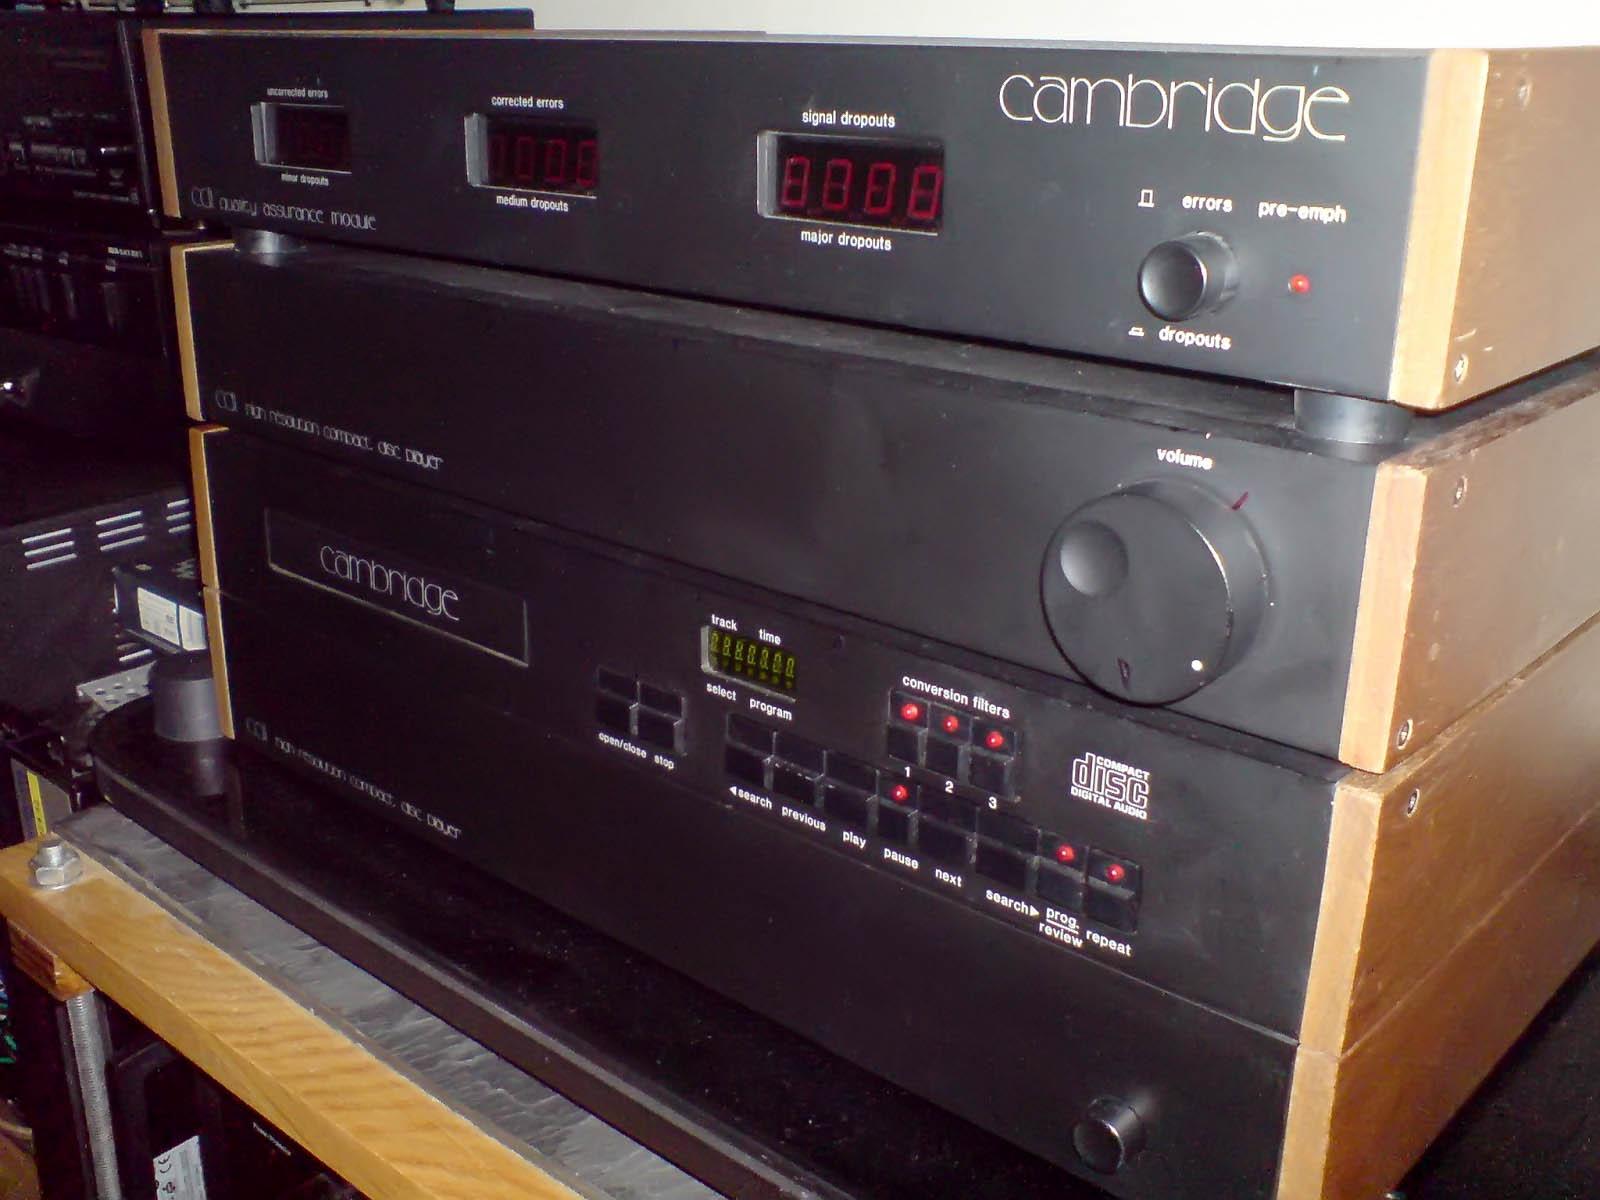 Заря цифровой музыки: проигрыватель компакт-дисков Cambridge Audio CD1